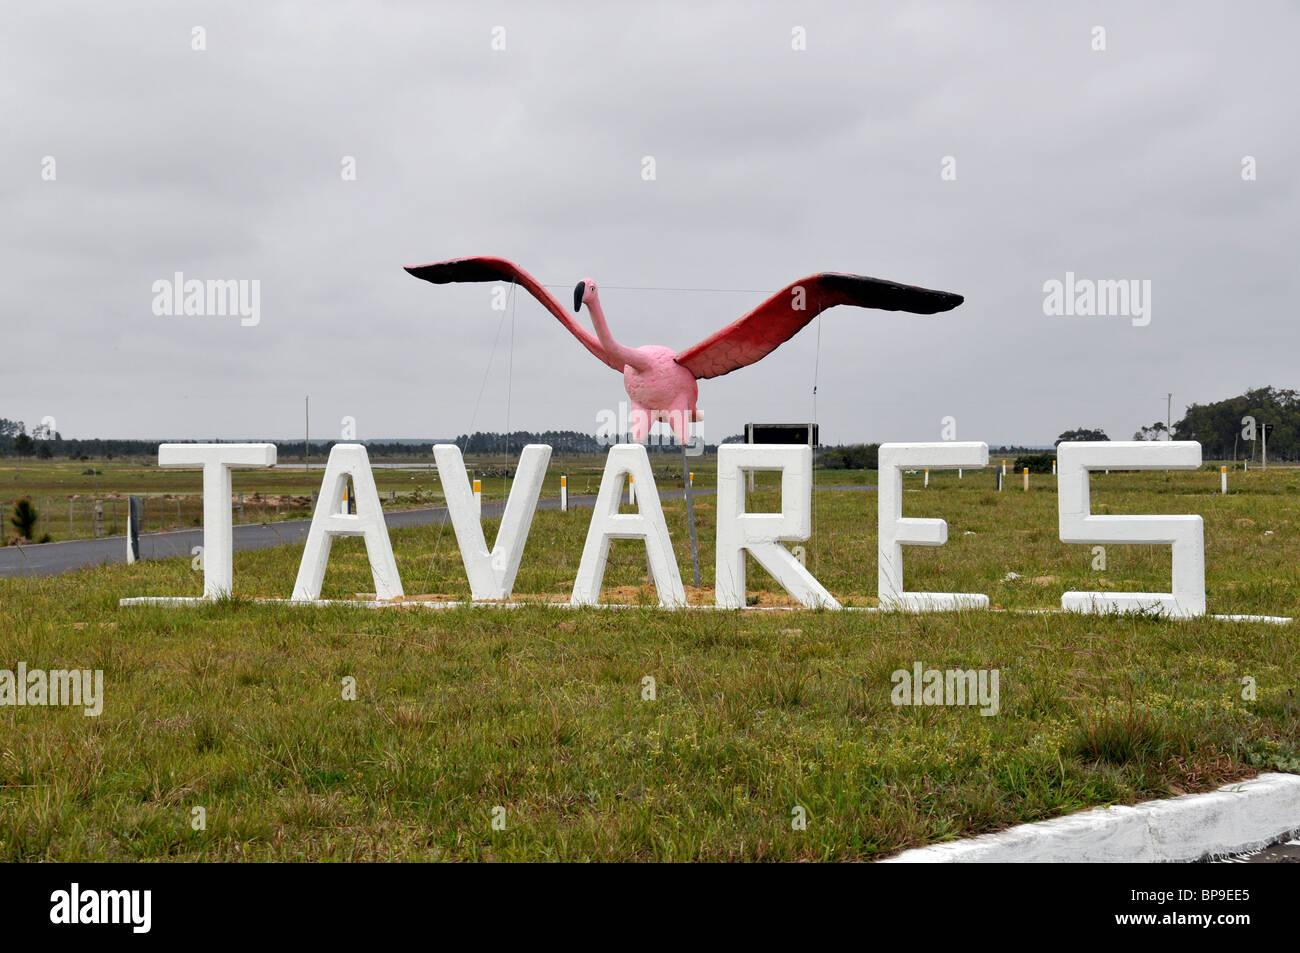 Tavares Rio Grande do Sul fonte: c8.alamy.com